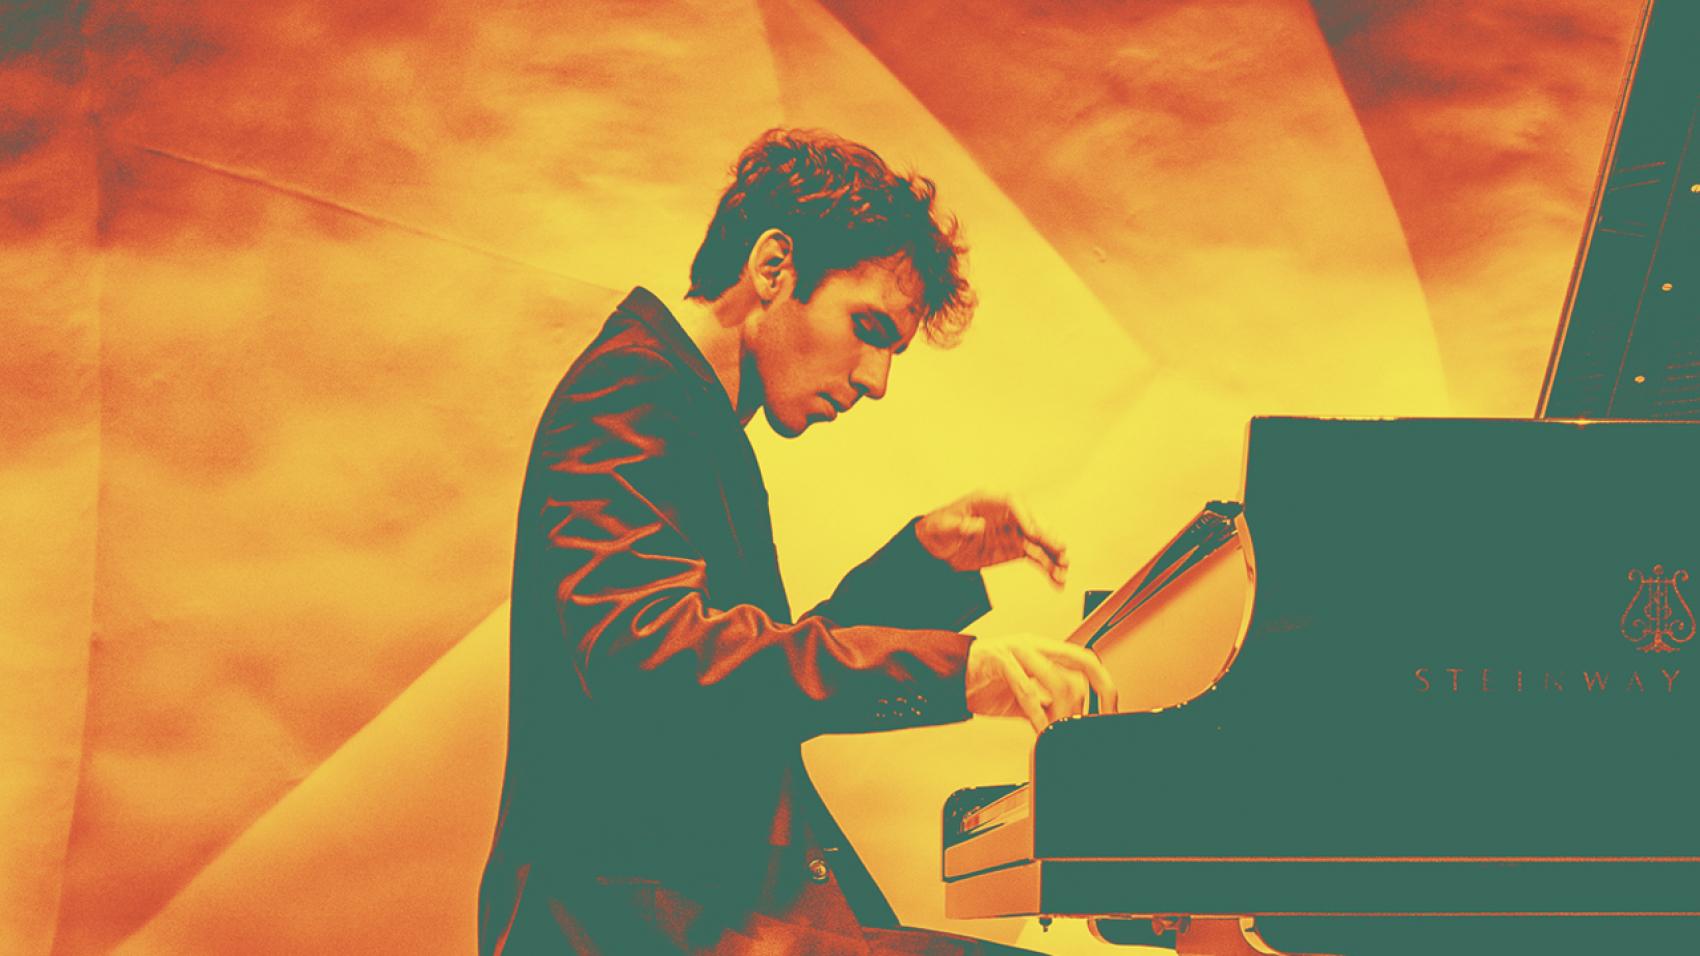 Alexandre Kantorow speelt het Tweede pianoconcert van Chopin